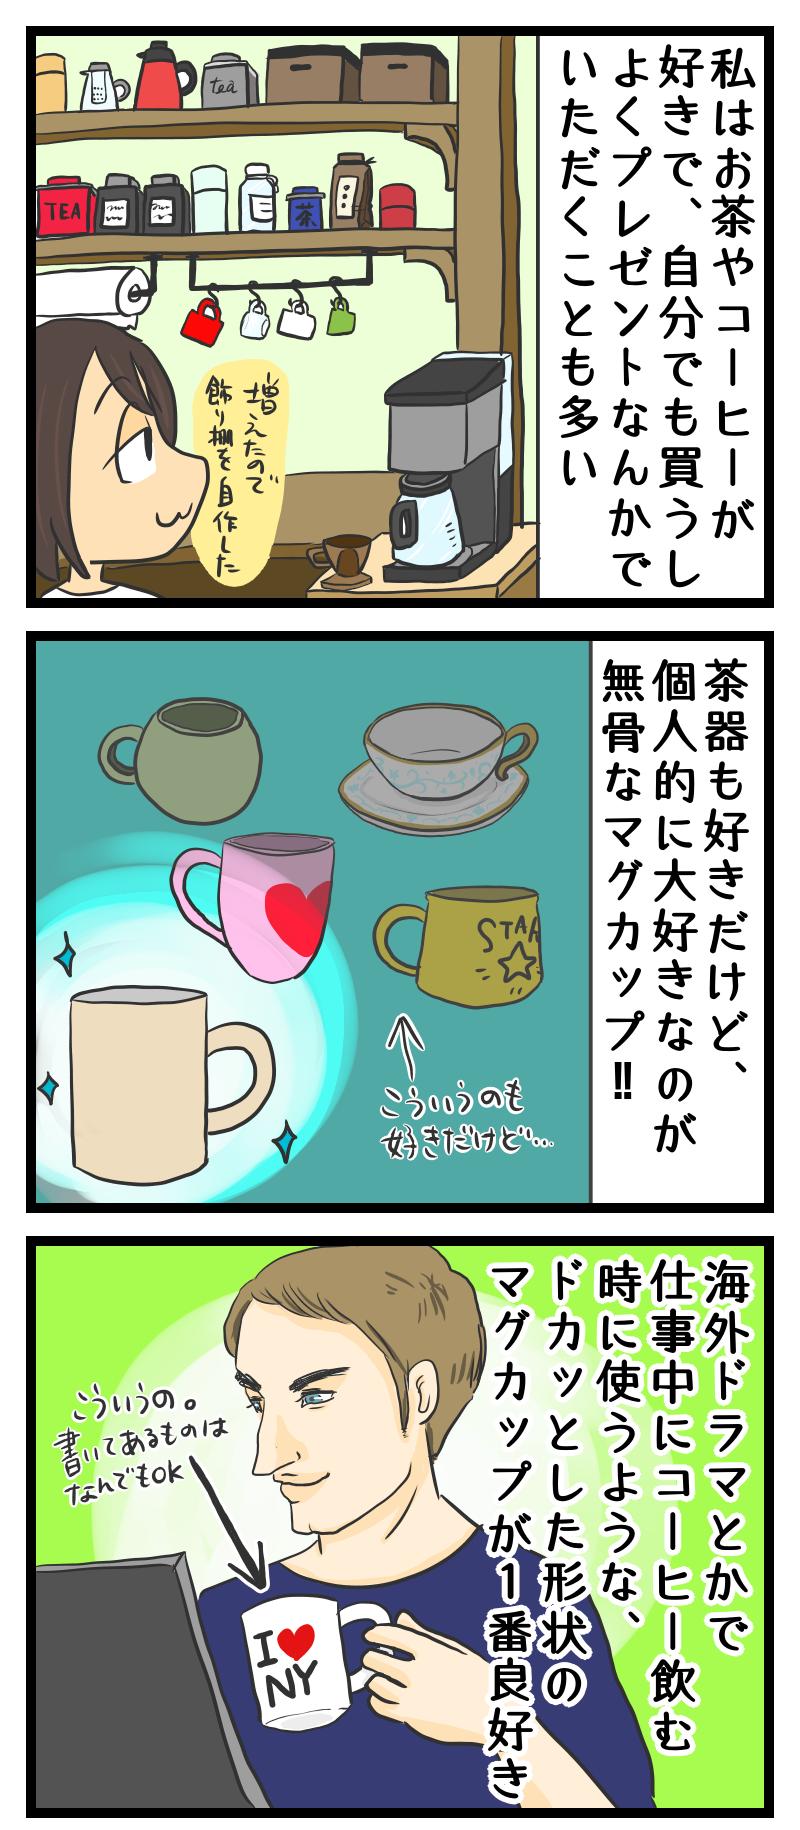 コレクター 漫画